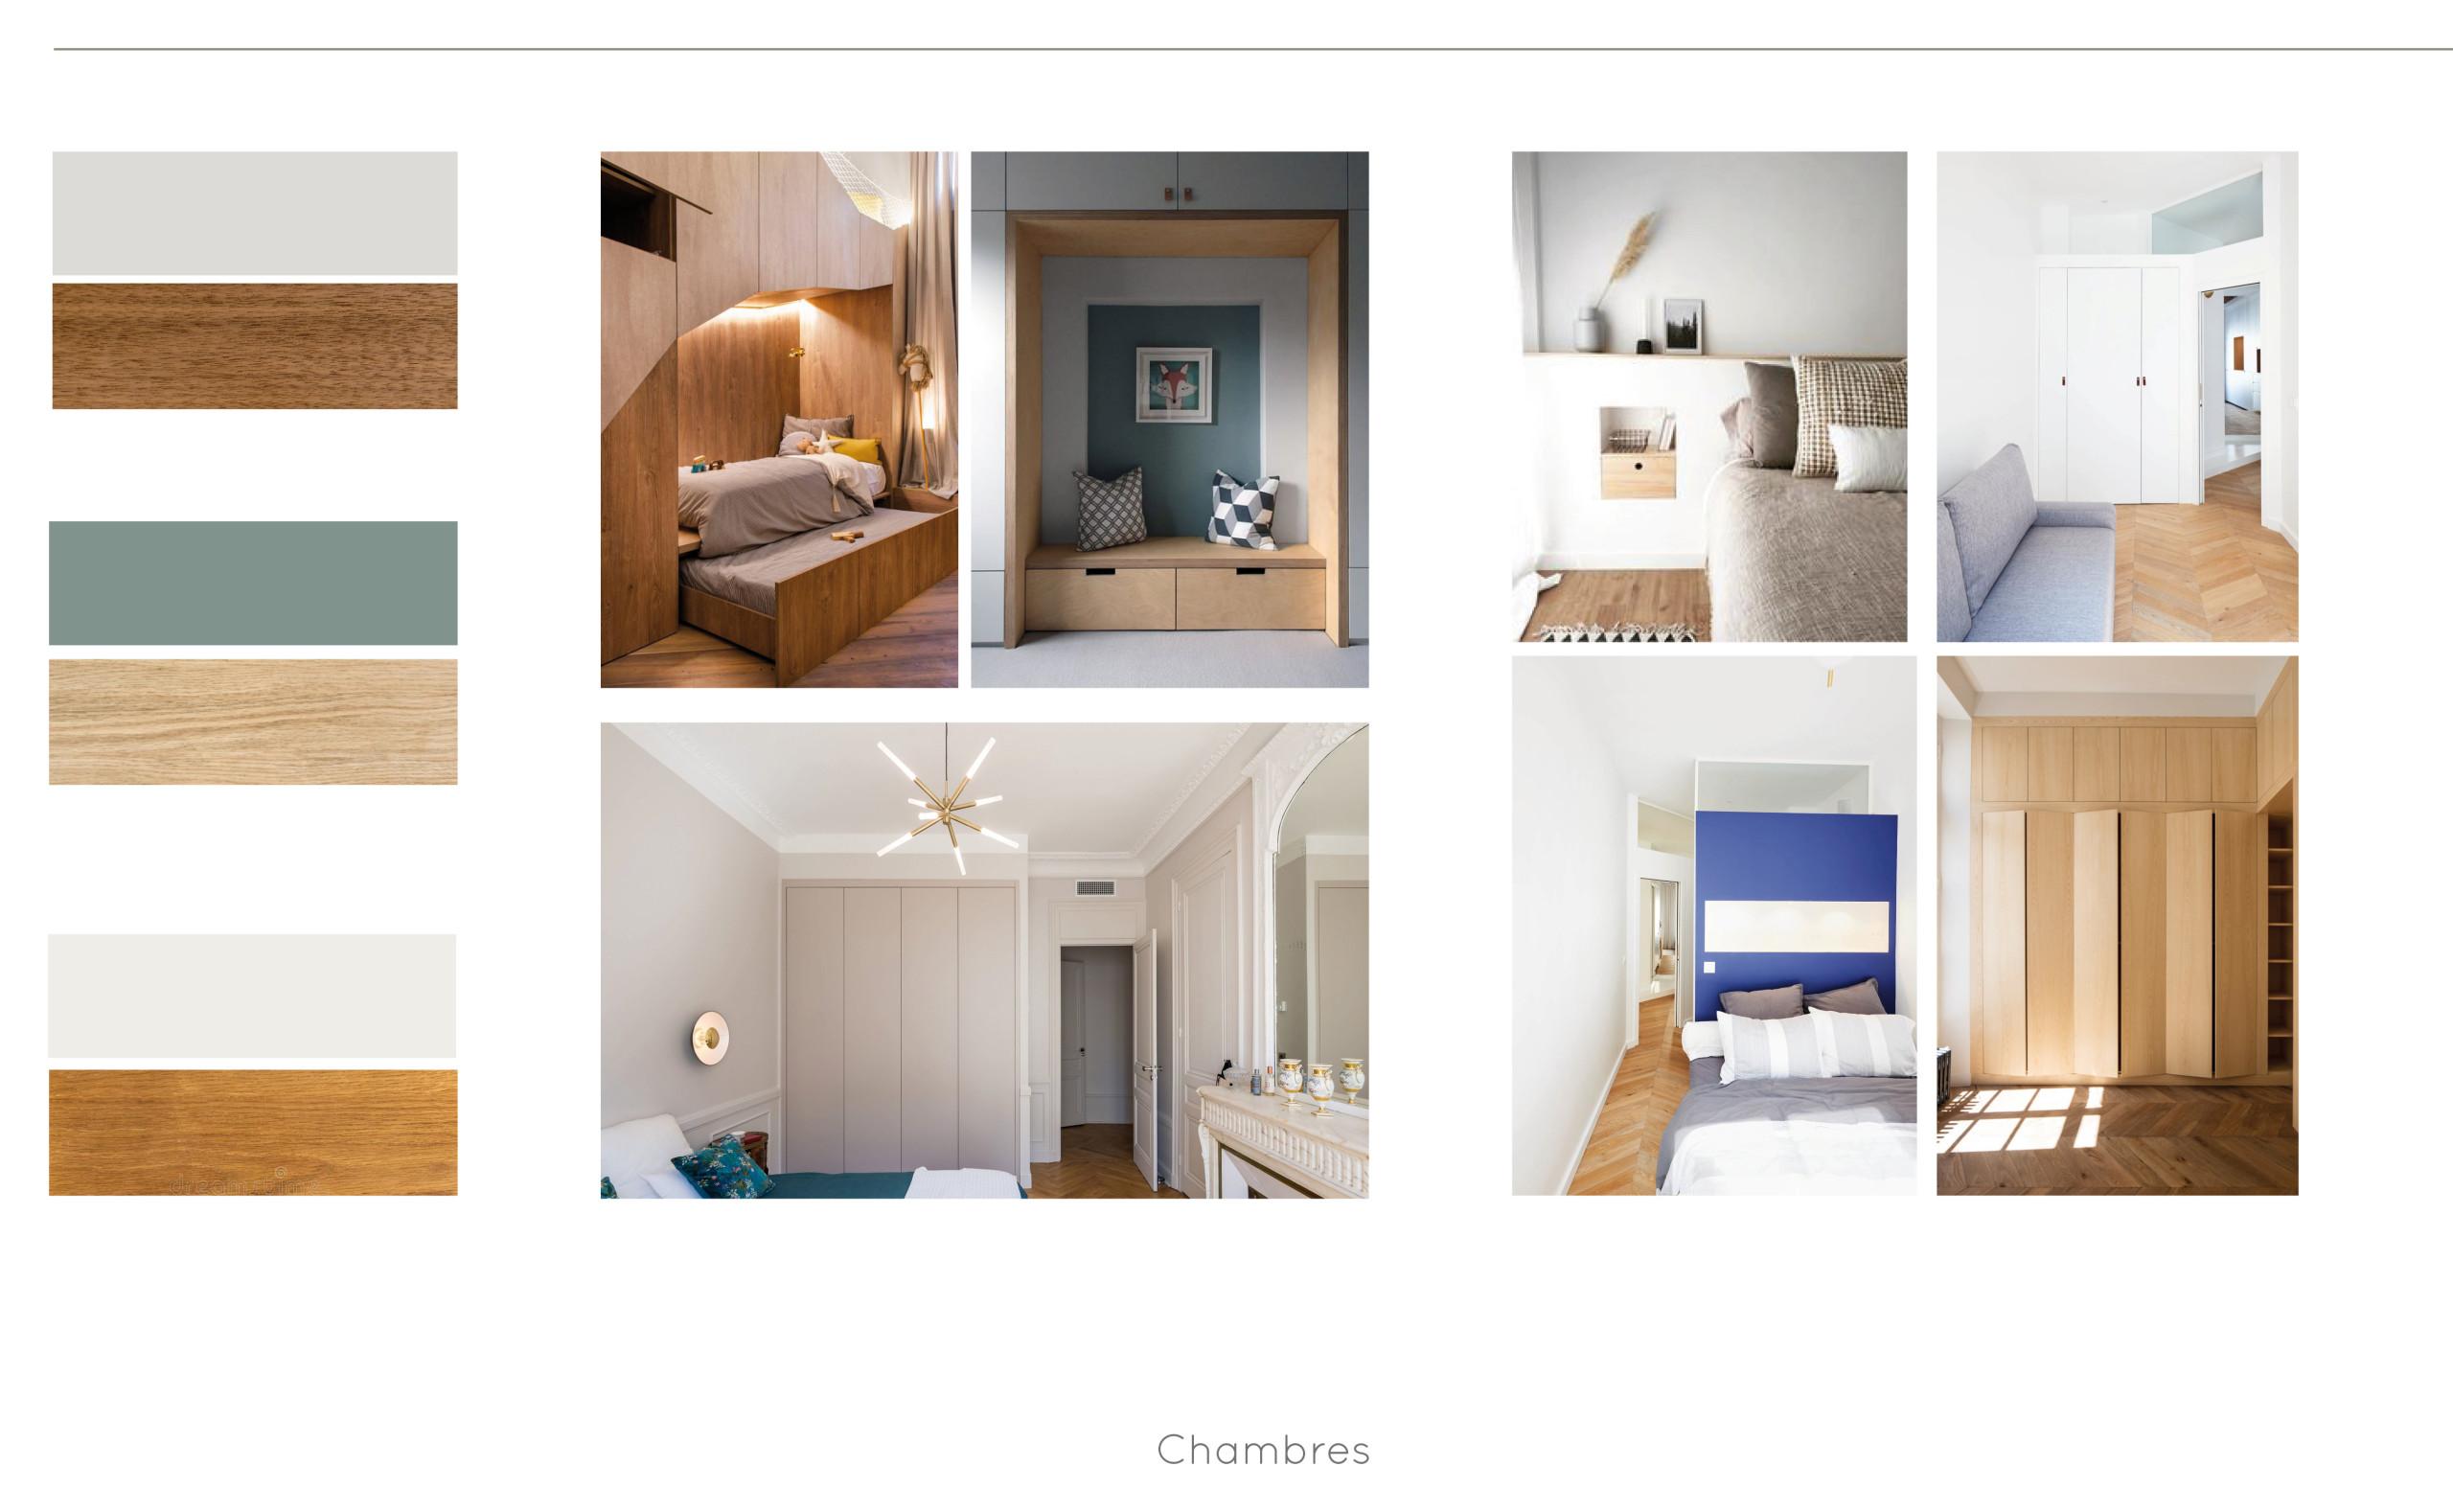 Appartement C - Planche d'Ambiance